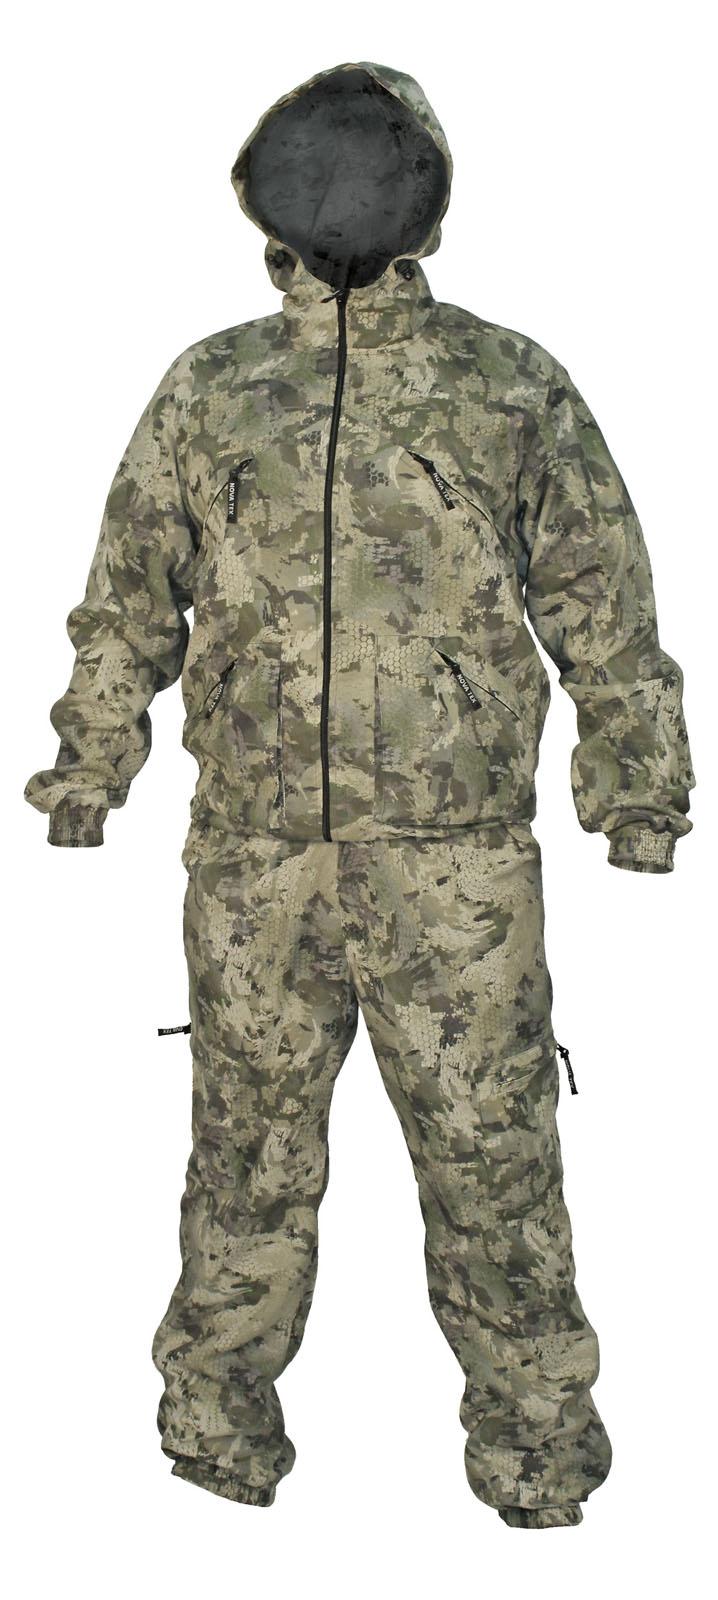 Костюм мужской Рысь (смесовая, св. соты Костюмы неутепленные<br>Летний универсальный костюм (ТМ «Квест») <br>от компании Novatex. Удобный и функциональный <br>прекрасно подойдет для всех любителей активного <br>образа жизни. Состоит из короткой куртки <br>с капюшоном и прямых брюк, низ куртки и брюк <br>собраны на резинку. Смесовая ткань позволяет <br>костюму быть практичным и удобным в эксплуатации. <br>Костюм «Рысь» пользуется популярностью <br>как у любителей активного отдыха, так и <br>как надежный рабочий костюм.<br><br>Пол: мужской<br>Размер: 56-58<br>Рост: 182-188<br>Сезон: лето<br>Материал: текстиль